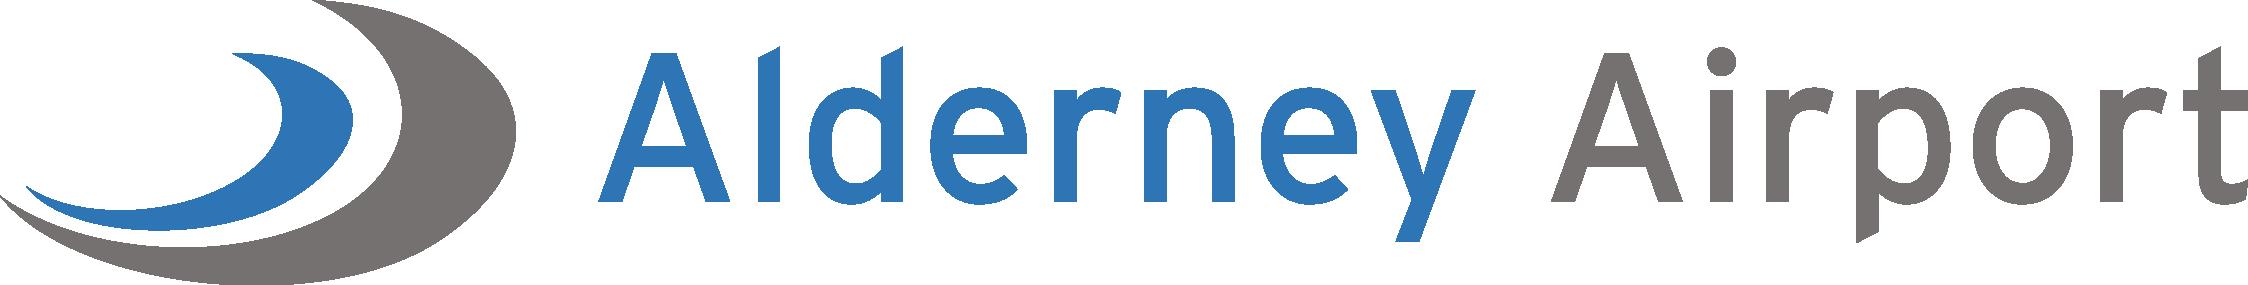 Alderney Airport Colour Logo